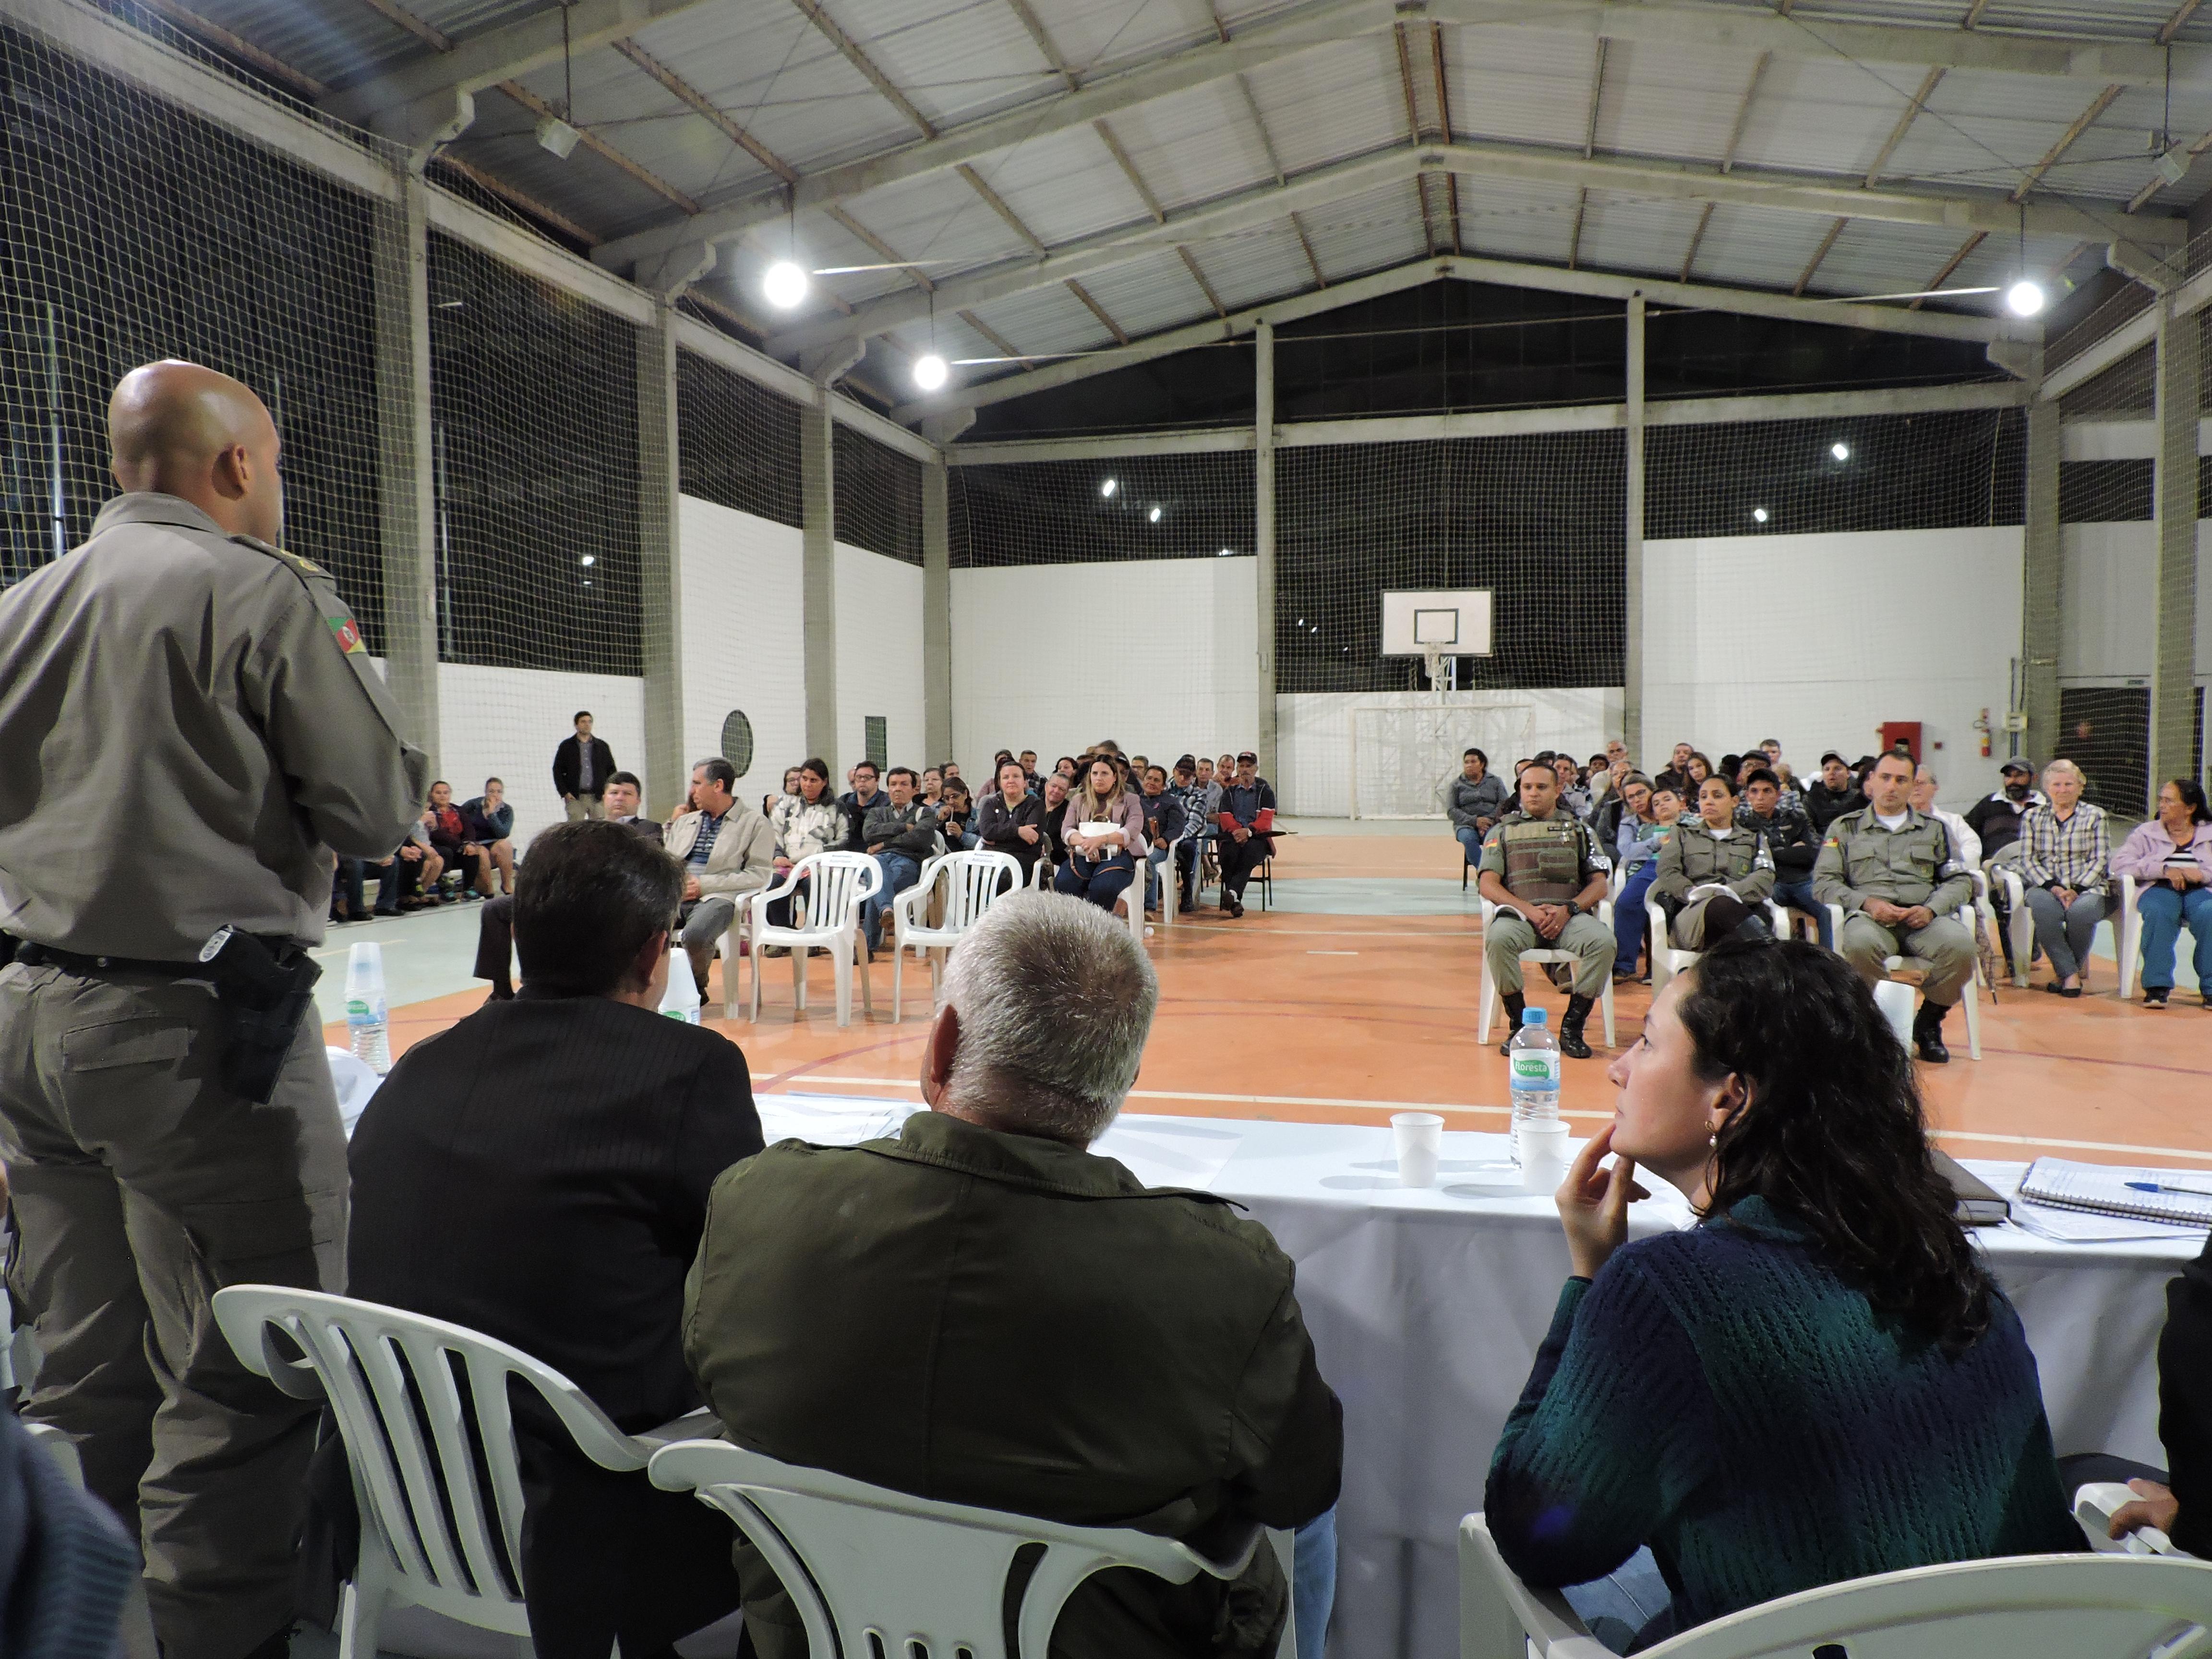 Legislativo realiza Audiência Pública sobre segurança do bairro Bom Retiro